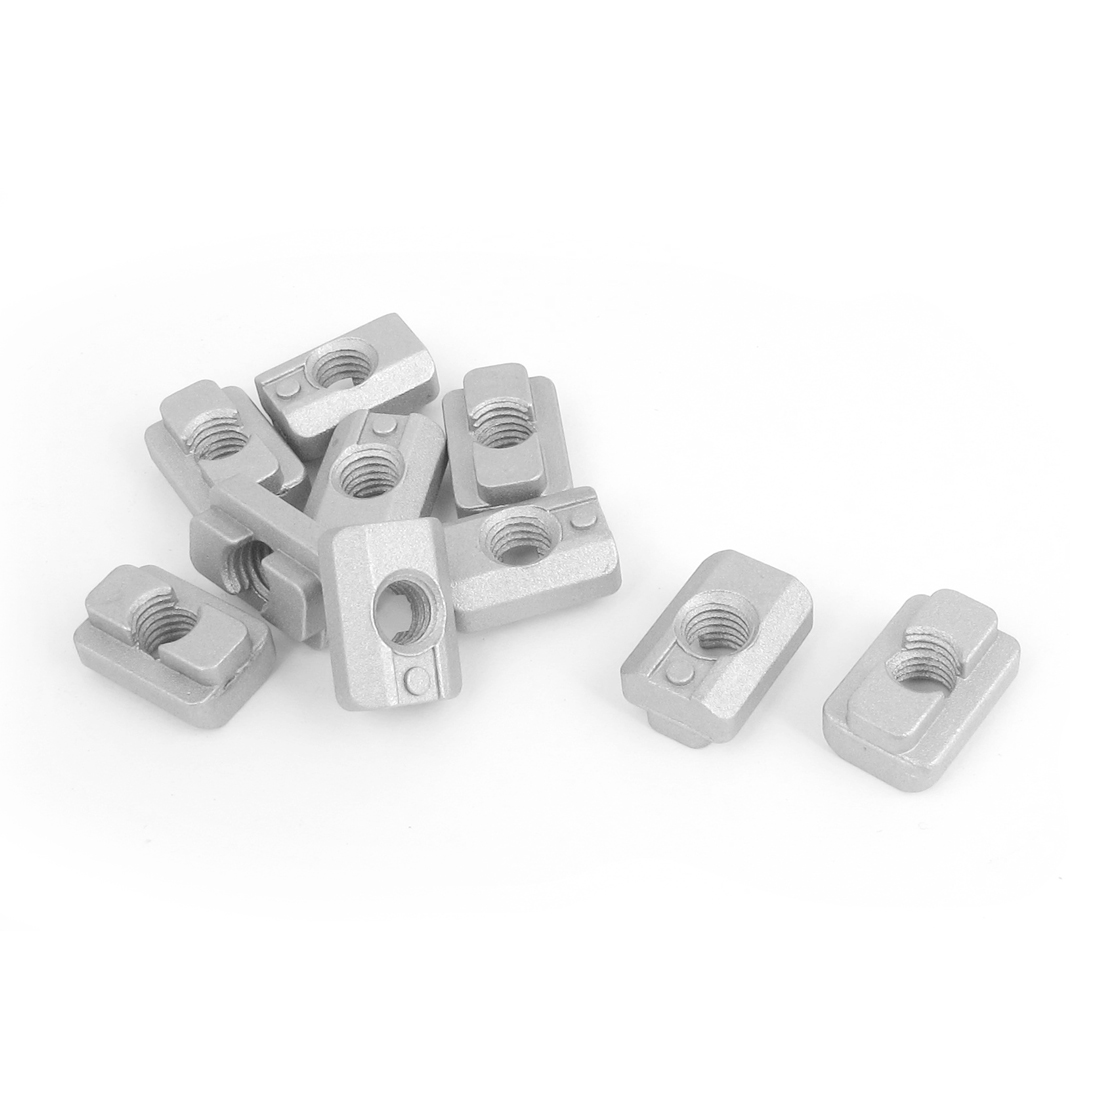 M8 40 Series Aluminum Slide In T-slot Table Slot T-Nut Silver Tone 10pcs